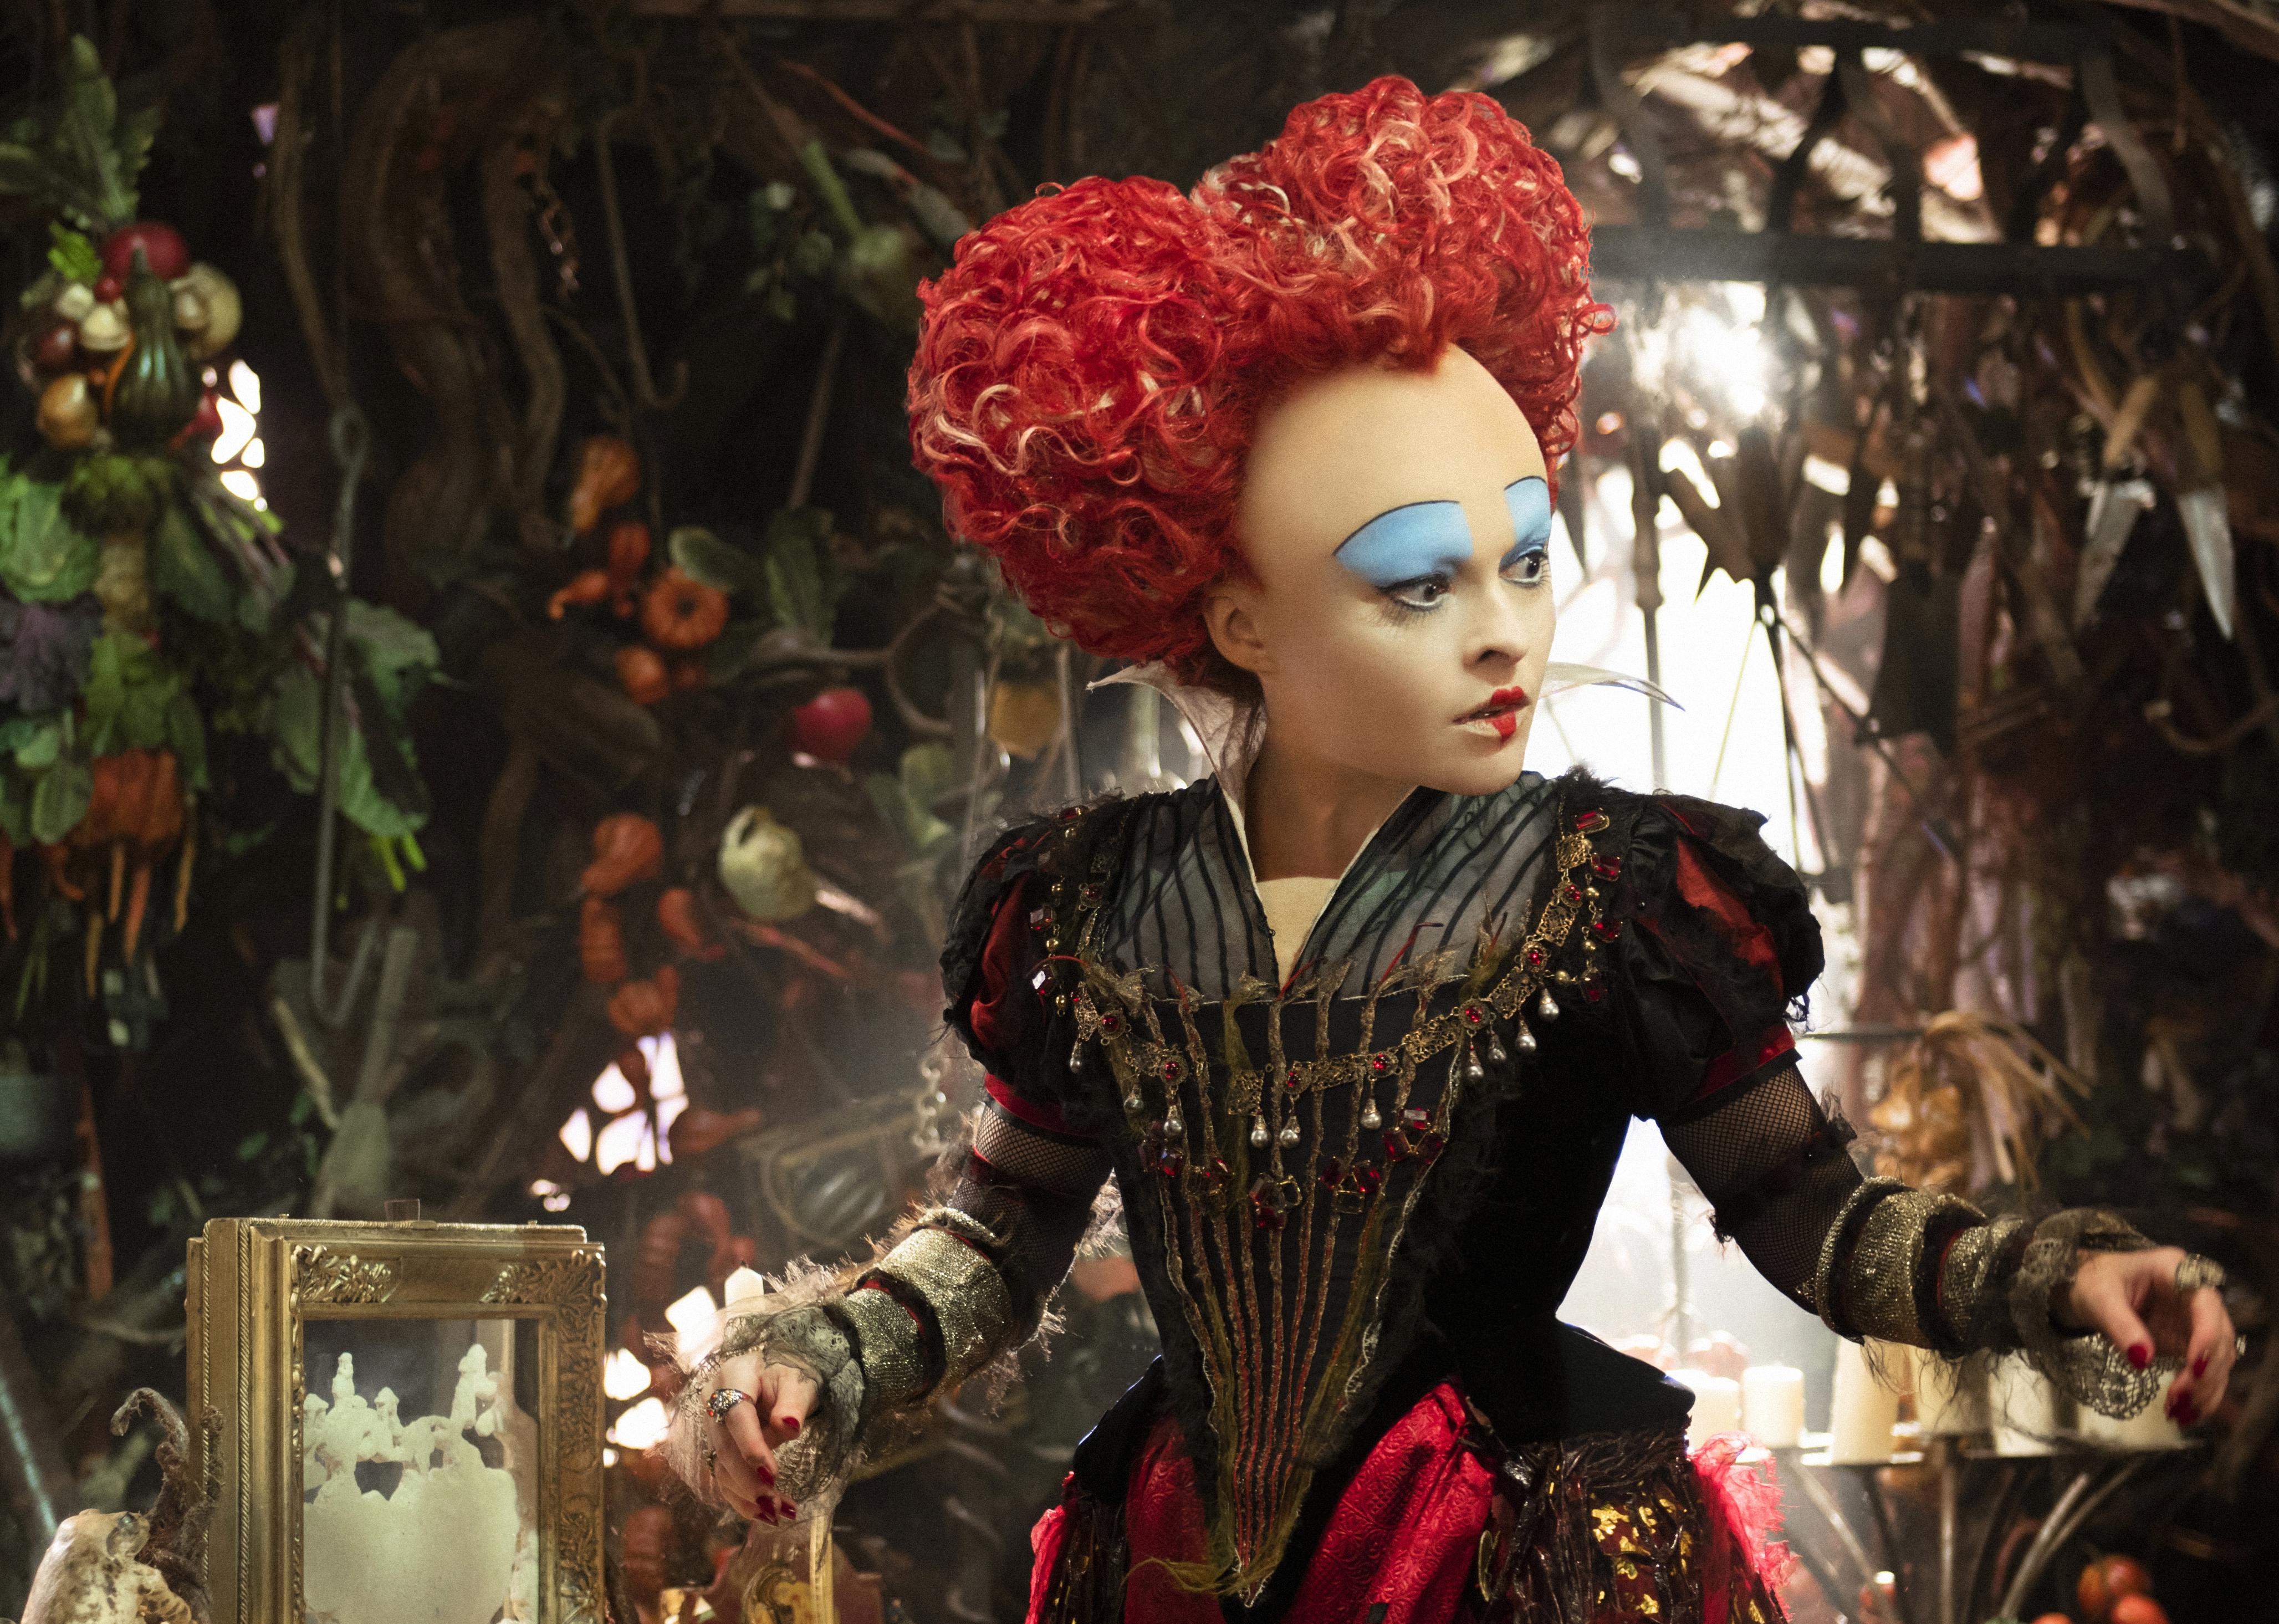 Алиса в зазеркалье героиня оказывается внутри некой игры